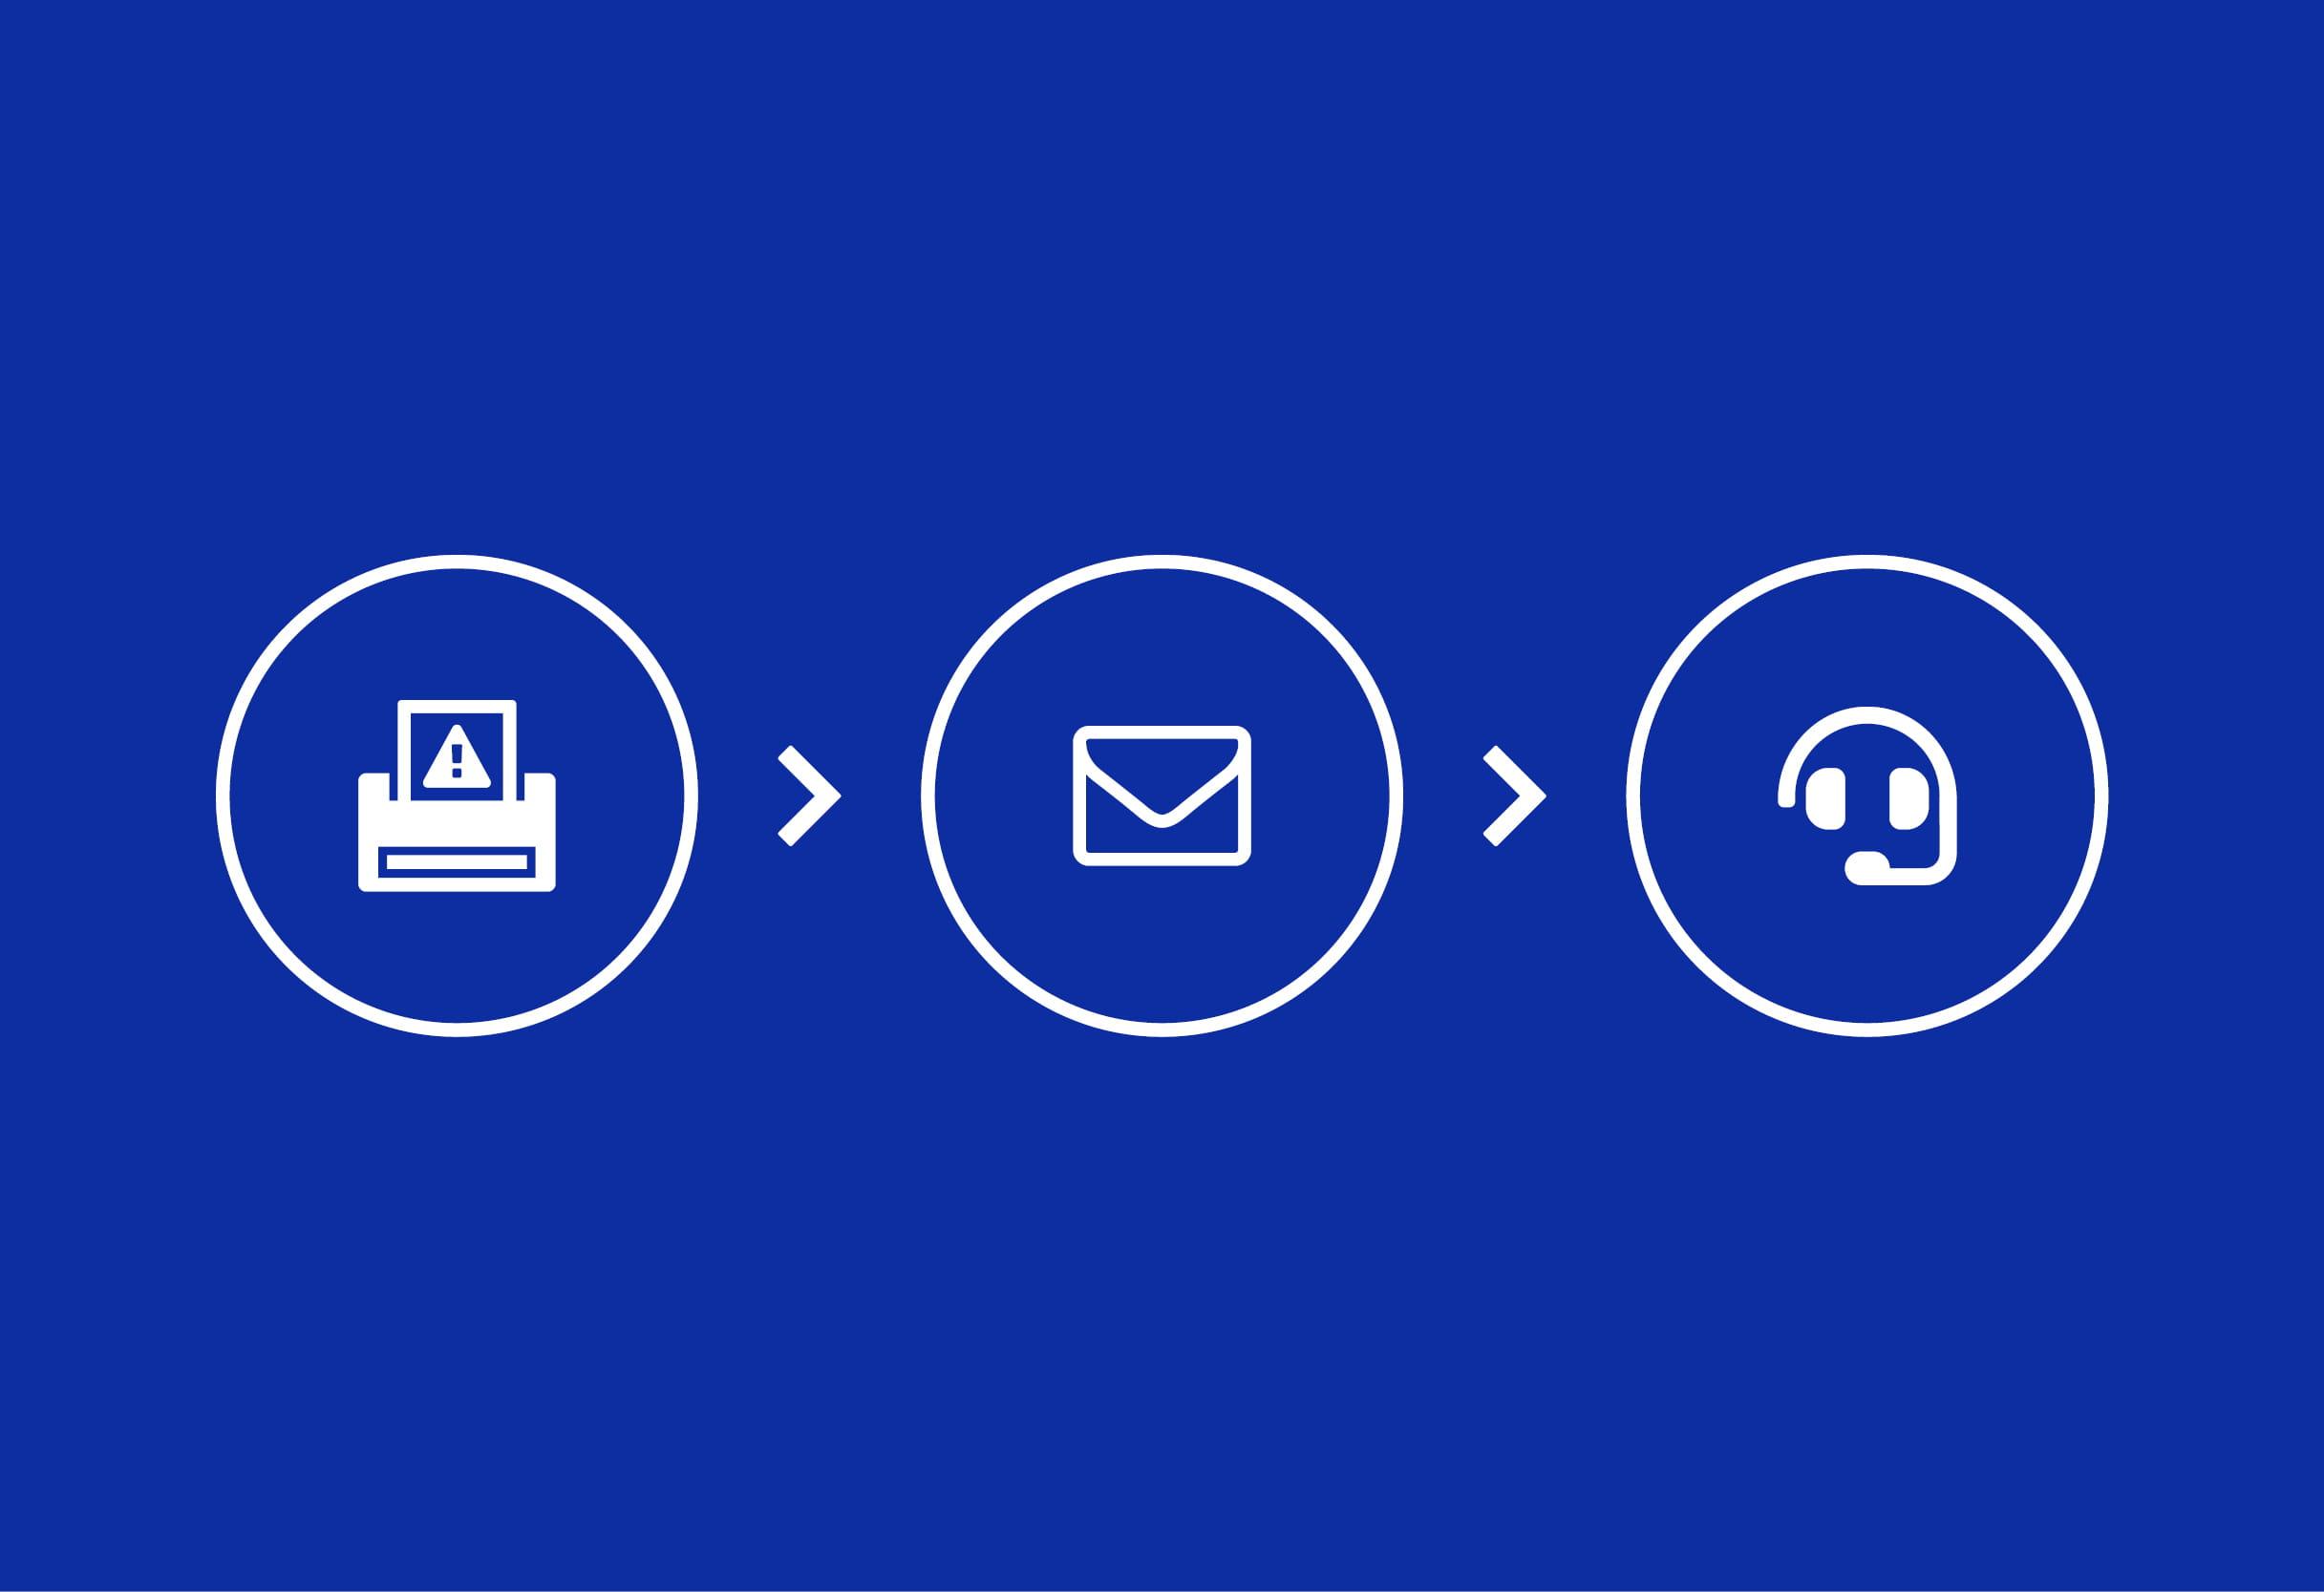 Ikona tiskárny, ikona e-mailu, ikona klíče